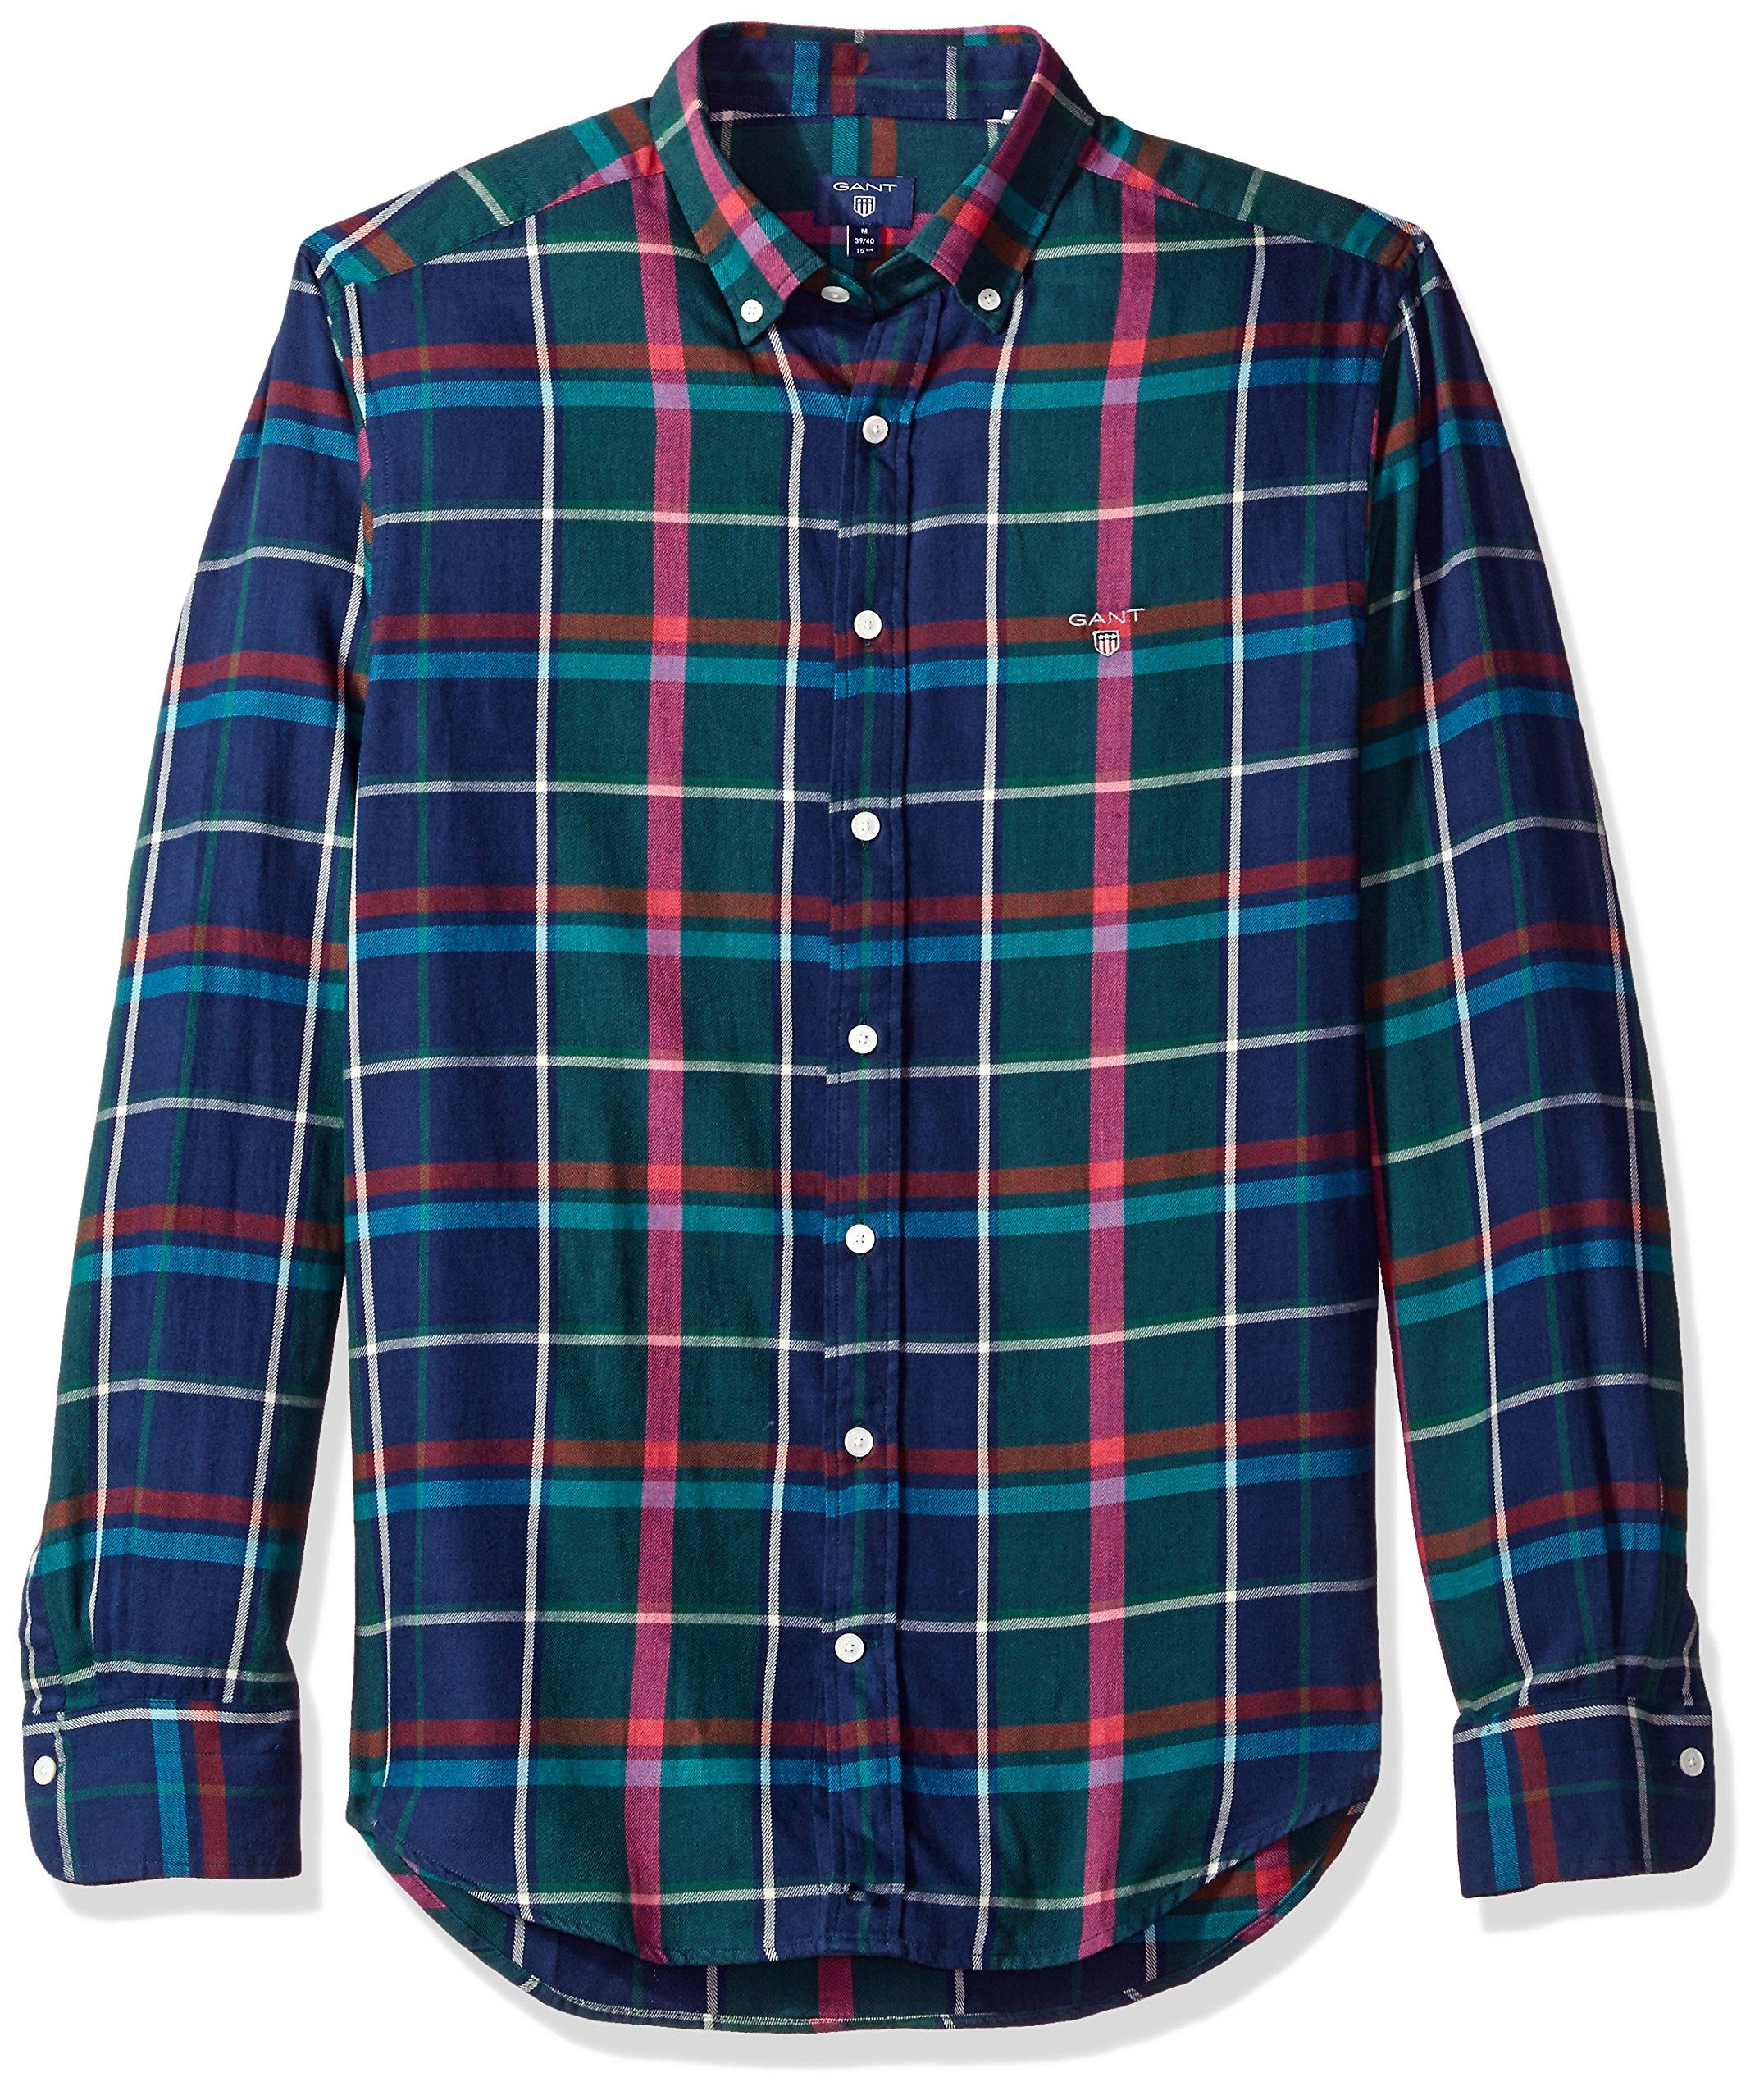 GANT Men's Check Shirt, IVY Green, XXL